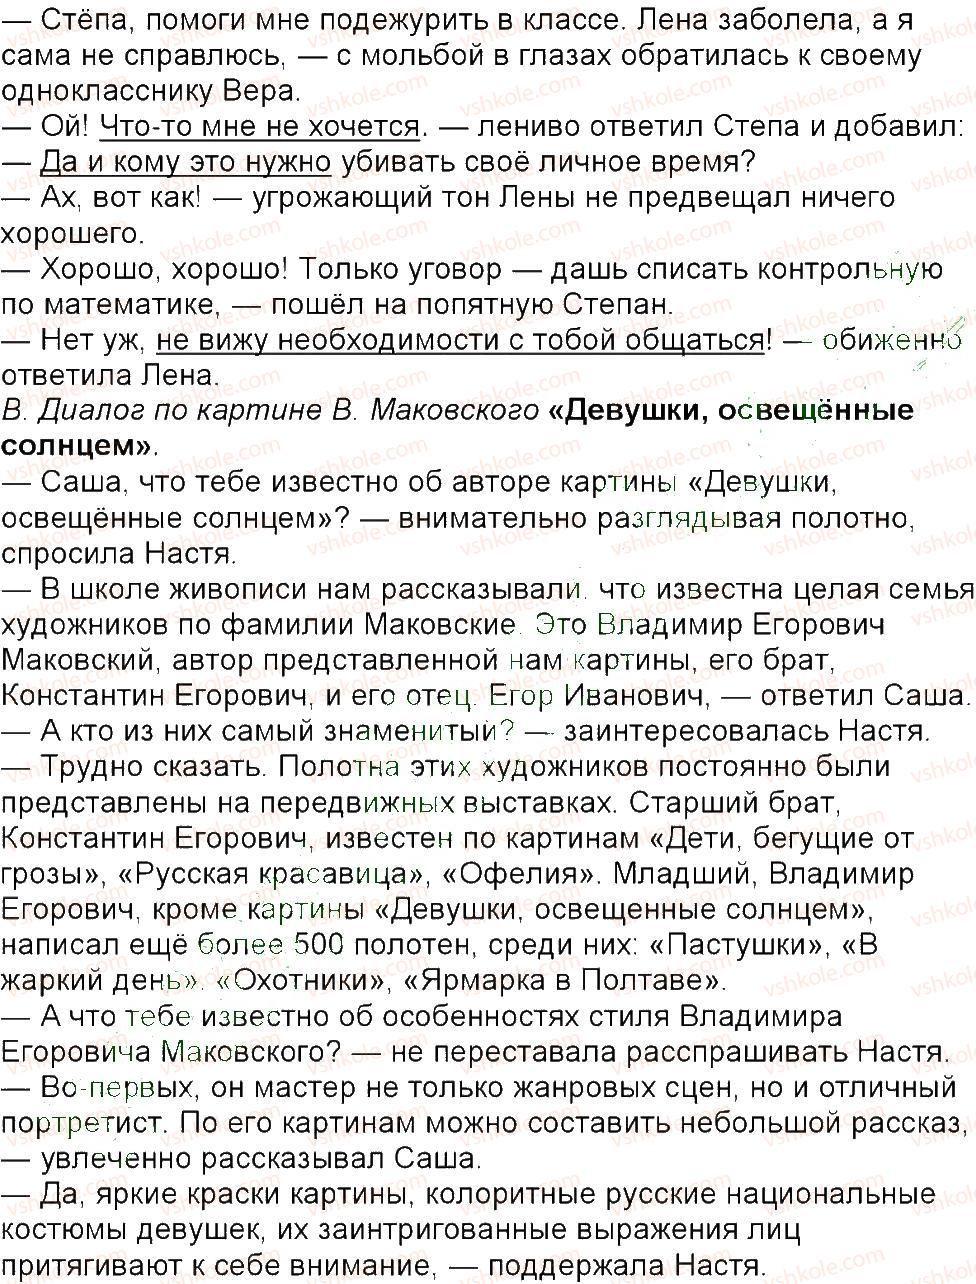 6-russkij-yazyk-tm-polyakova-ei-samonova-am-prijmak-2014--uprazhneniya-452-592-577-rnd762.jpg